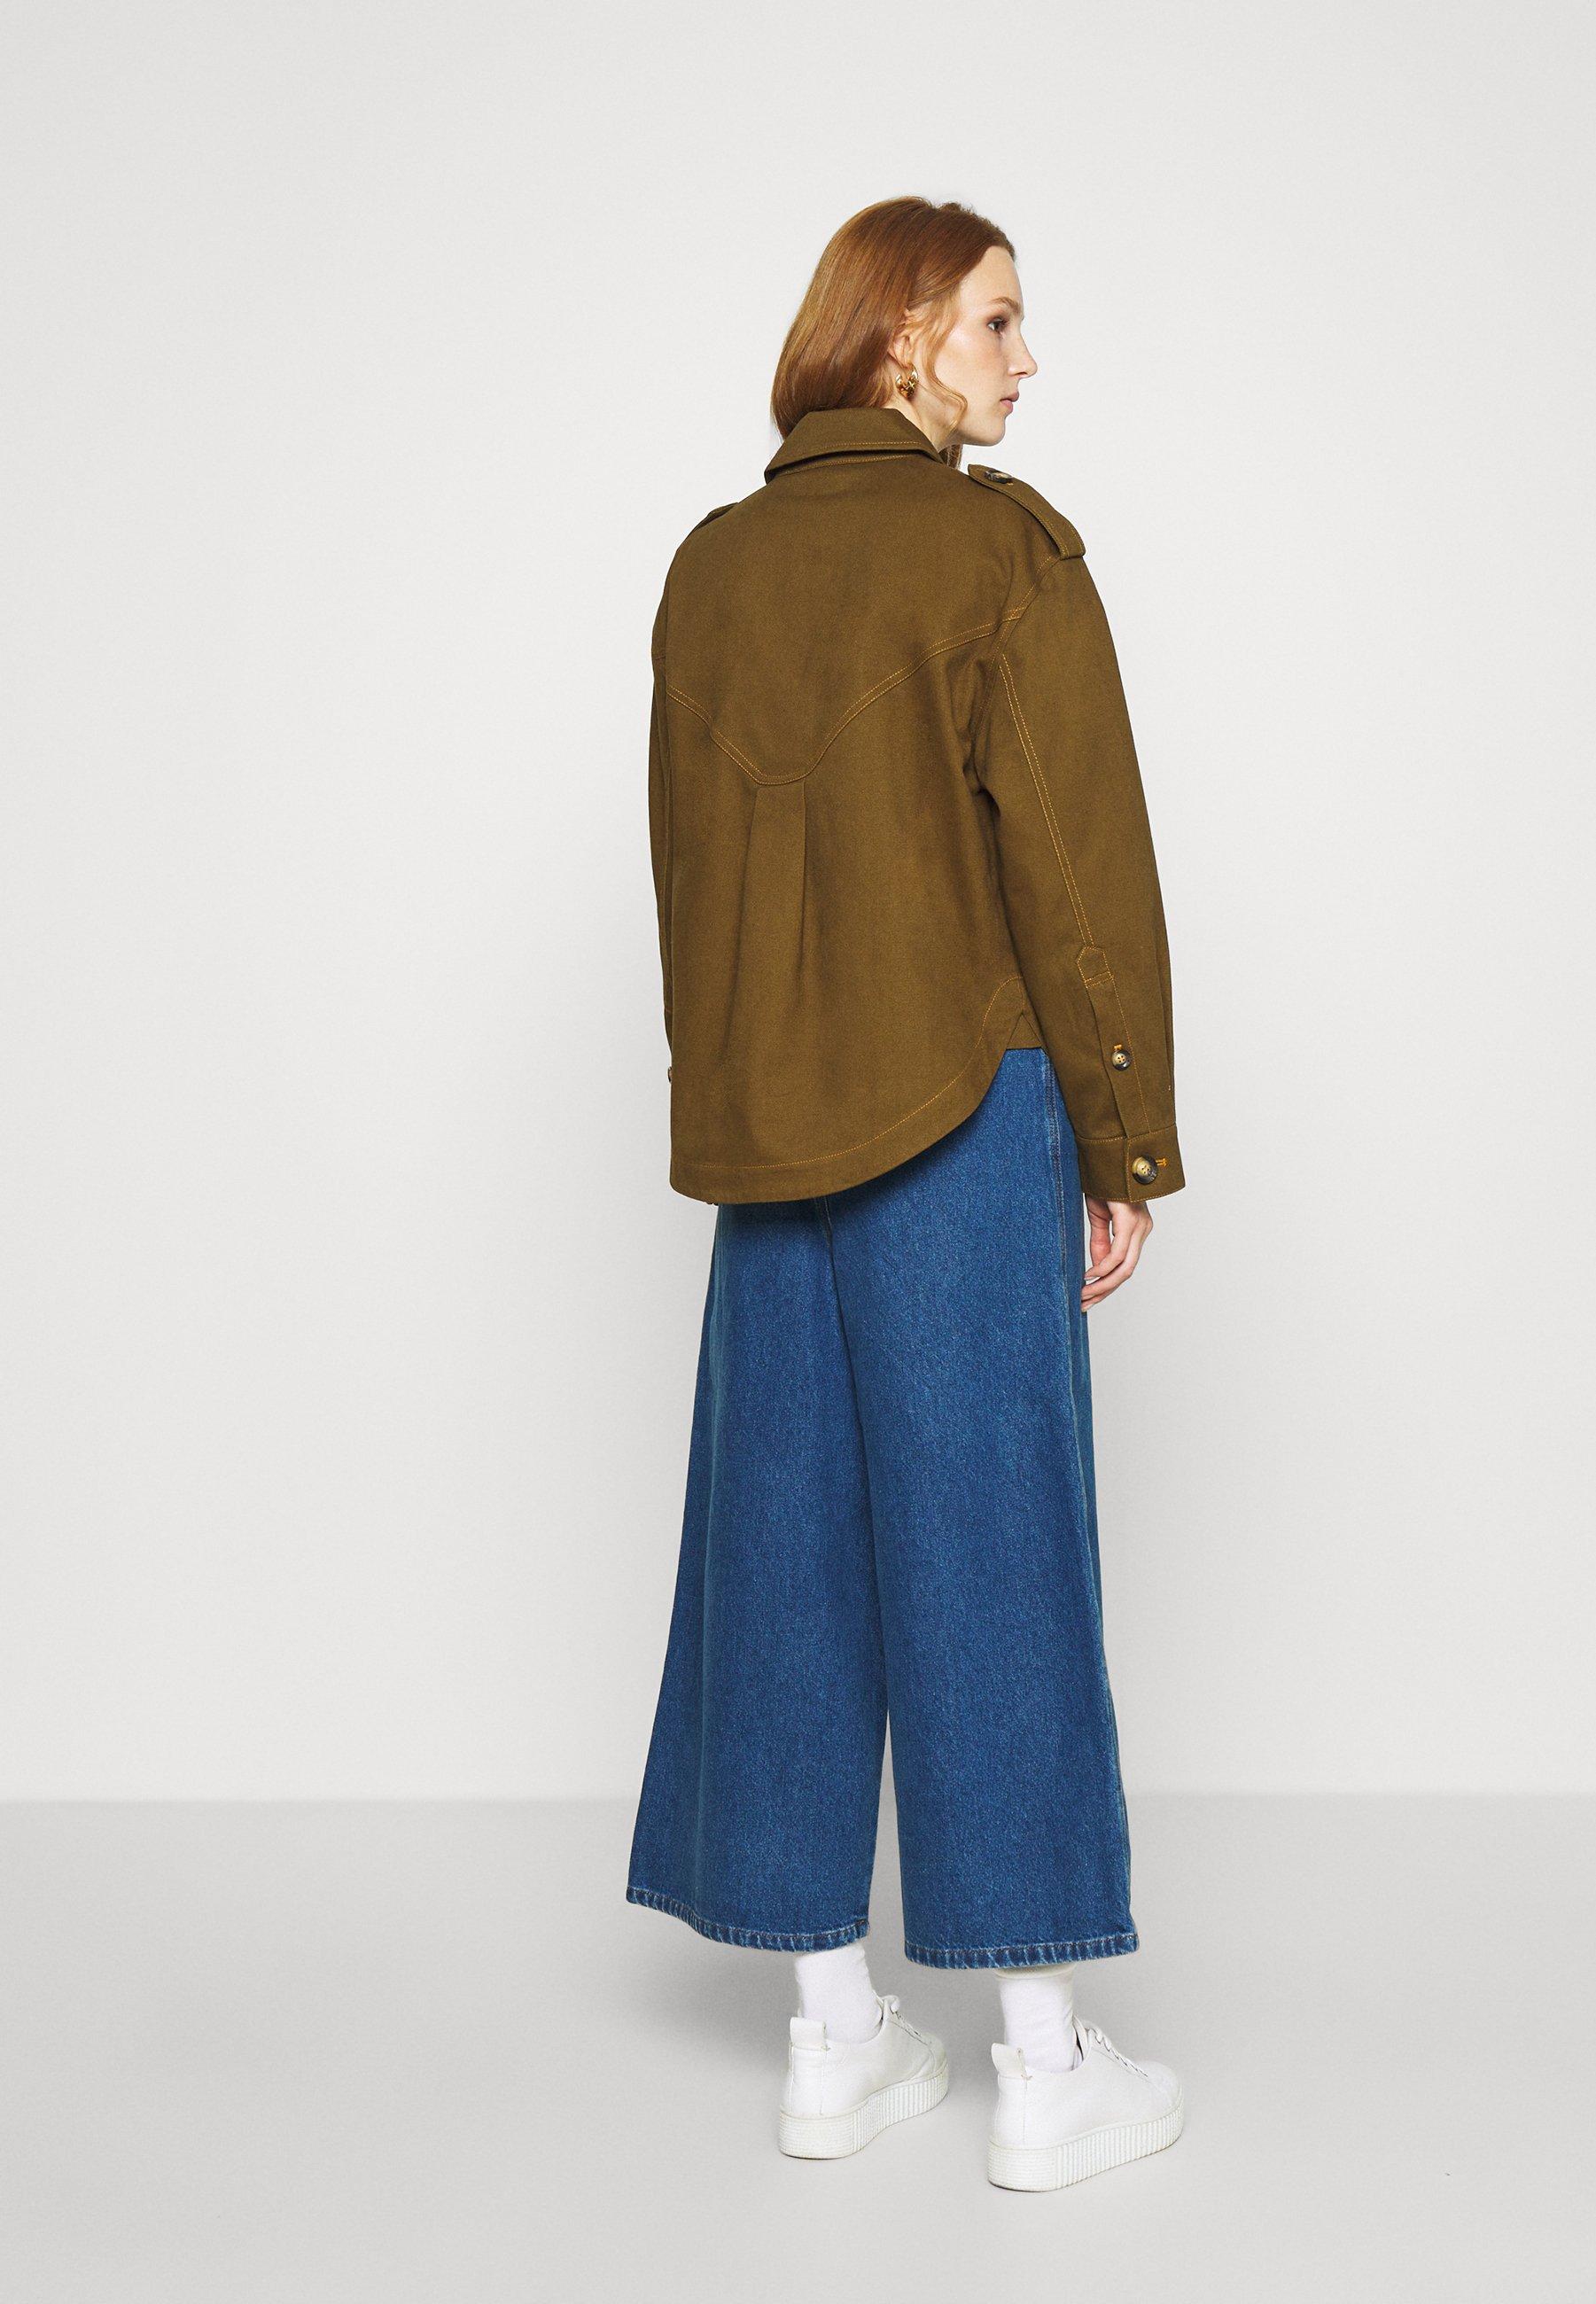 Cheapest Women's Clothing Gestuz BETONY JACKET Denim jacket dark olive nHwypZ2sM